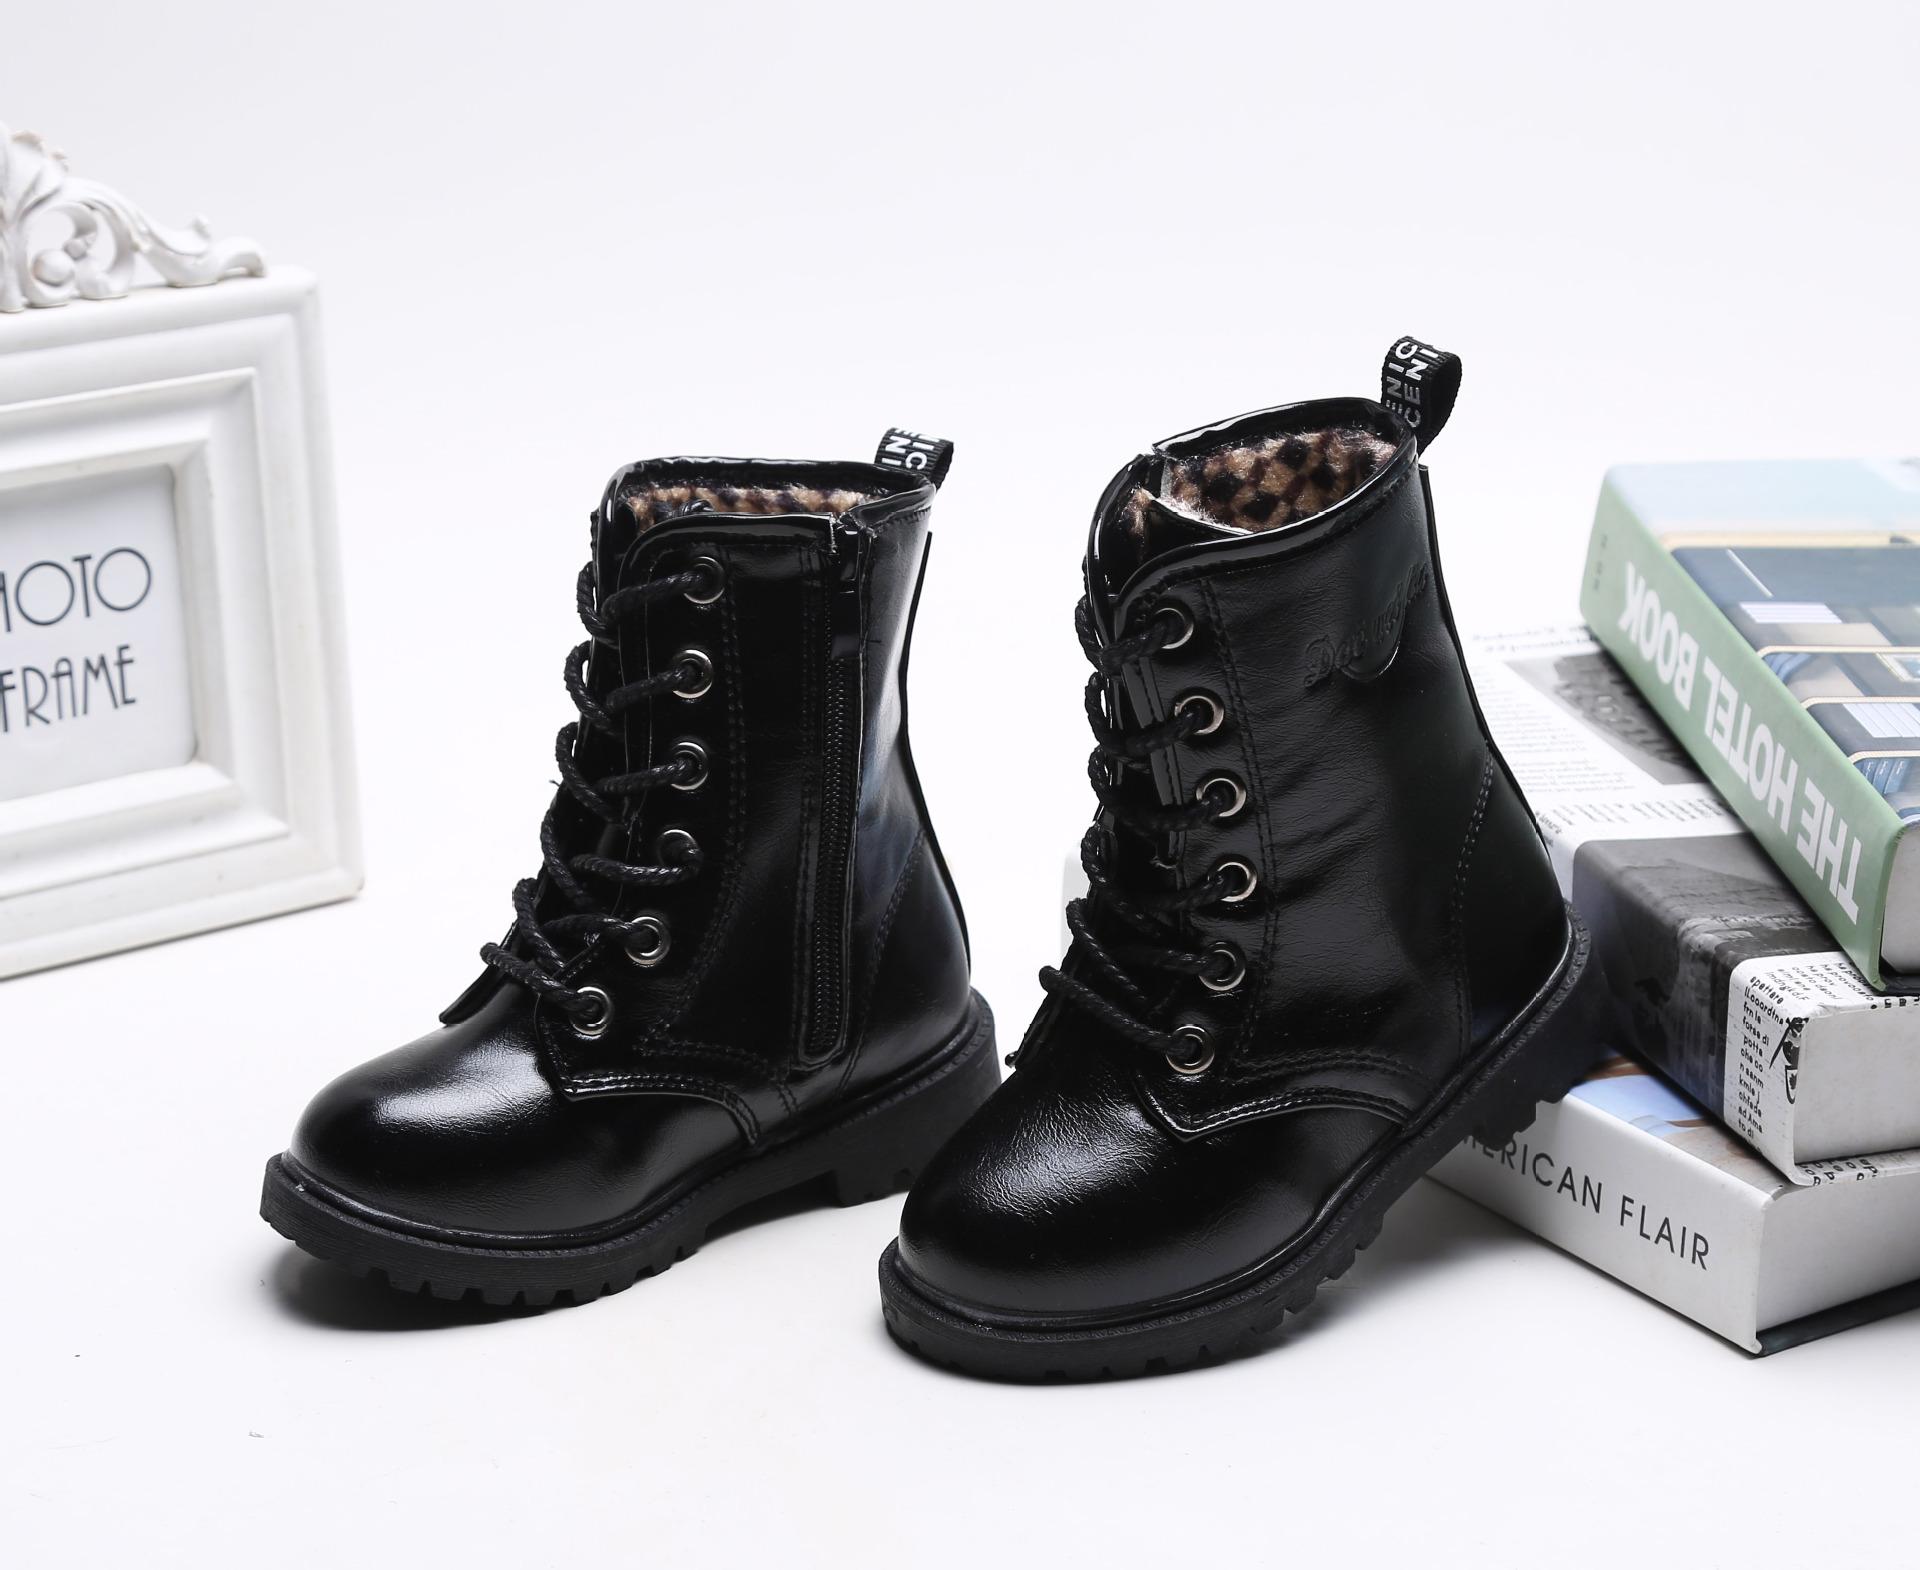 รองเท้าบู๊ทเด็ก สีดำ ผูกเชือกหลอก มีซิปข้าง เท่ห์ หรู Size 29-37